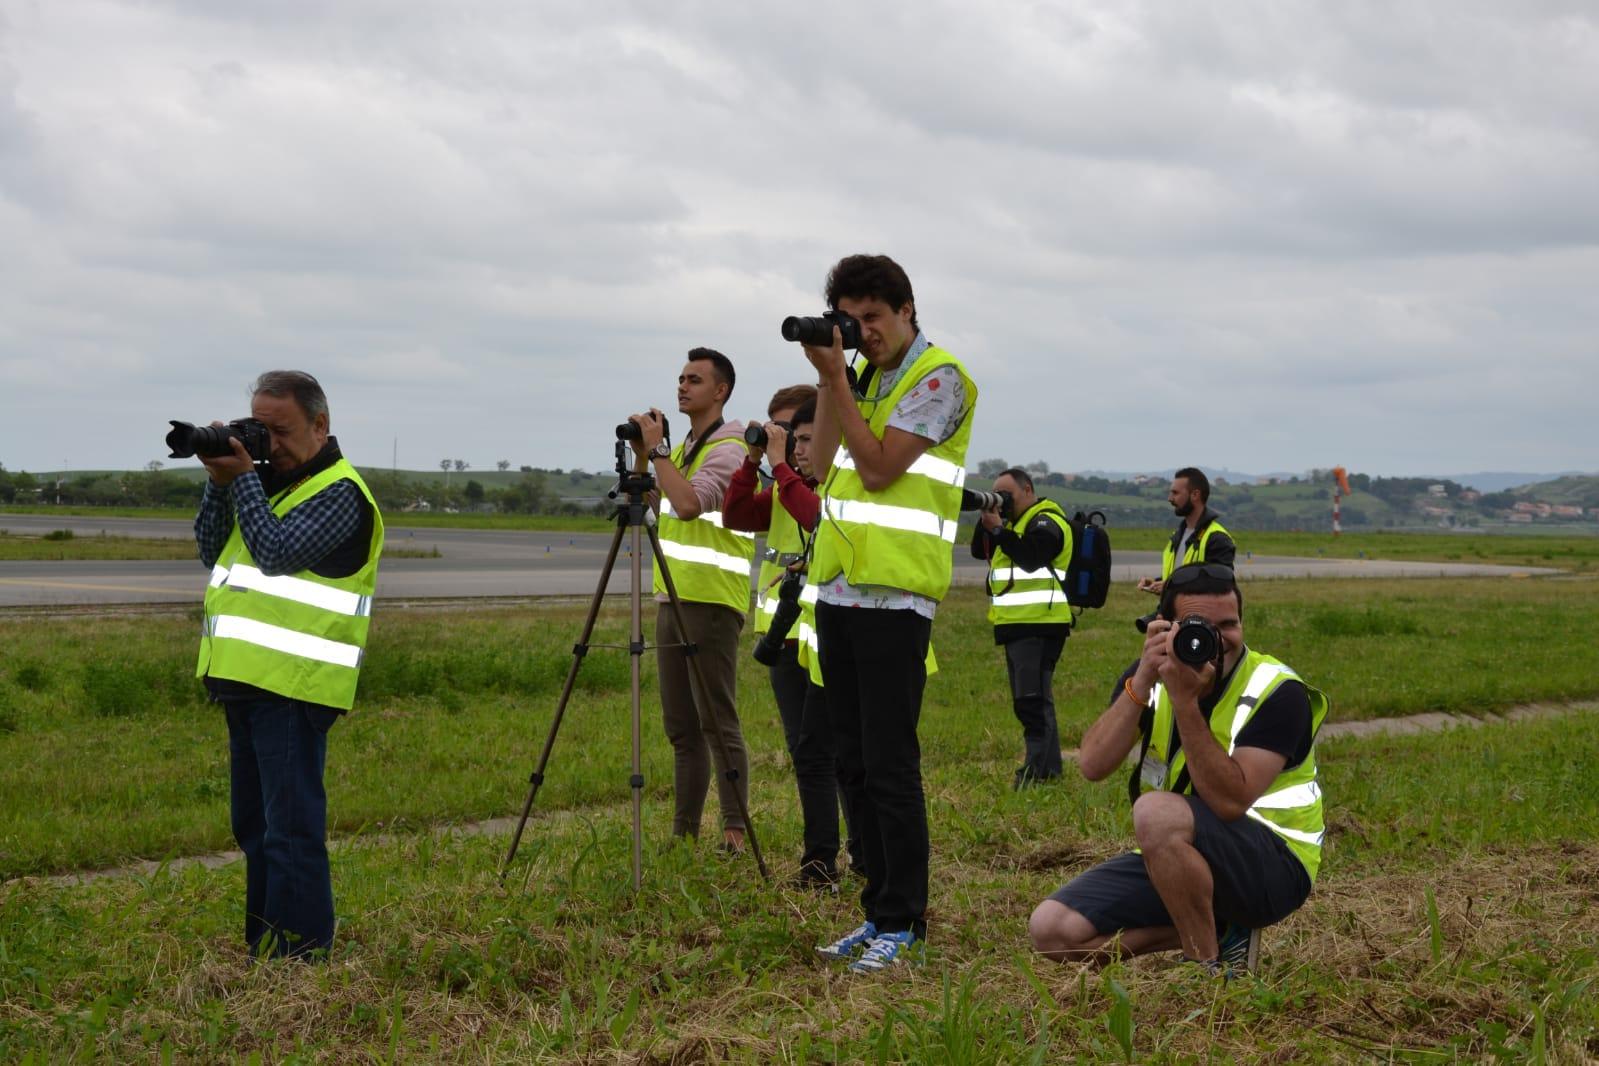 III Spotter Day en el Aeropuerto Severiano Ballesteros